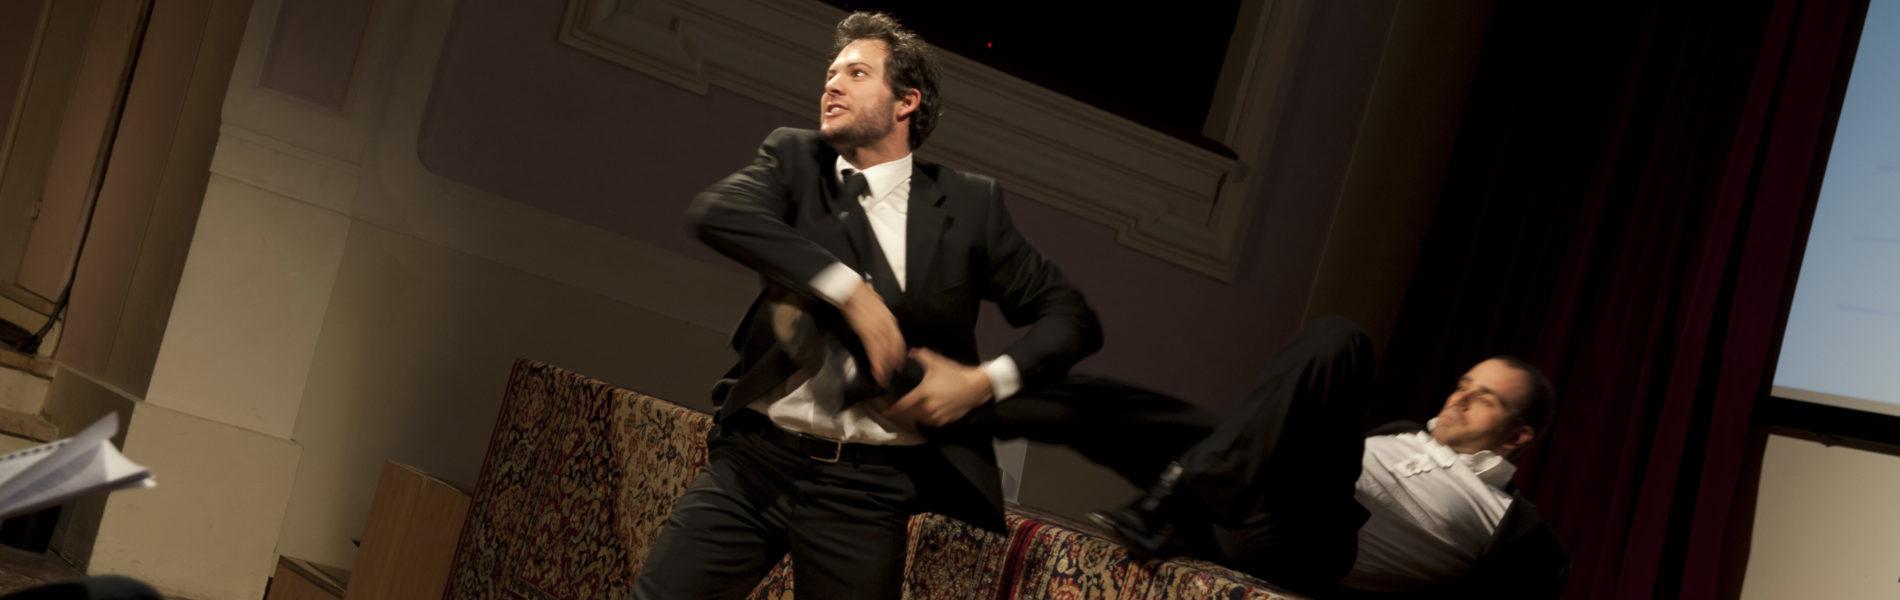 Spettacolo_Teatrale_2012_053